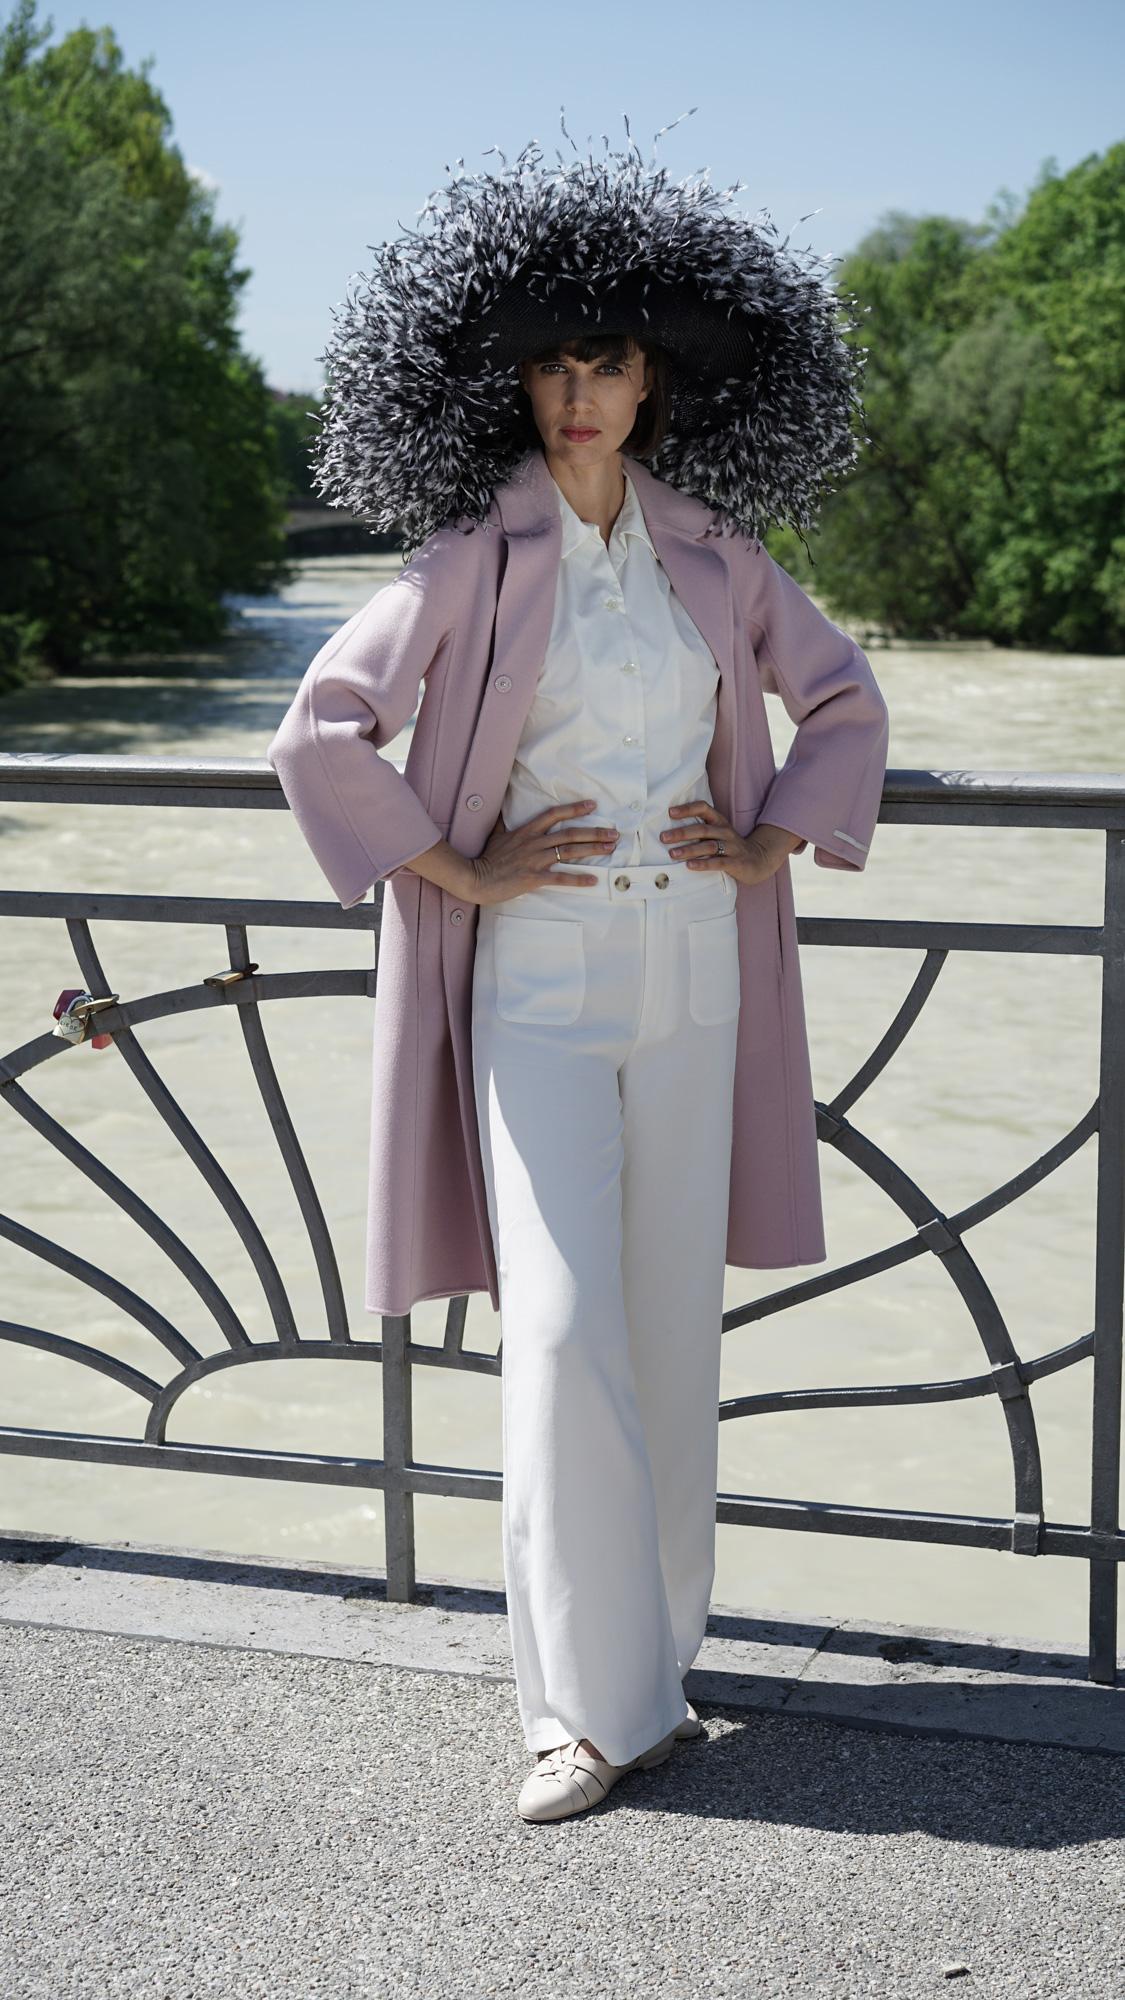 Dalia. Spektakulär! Ihr Auftritt mit diesem Hut. Alle Blicke auf Ihnen.